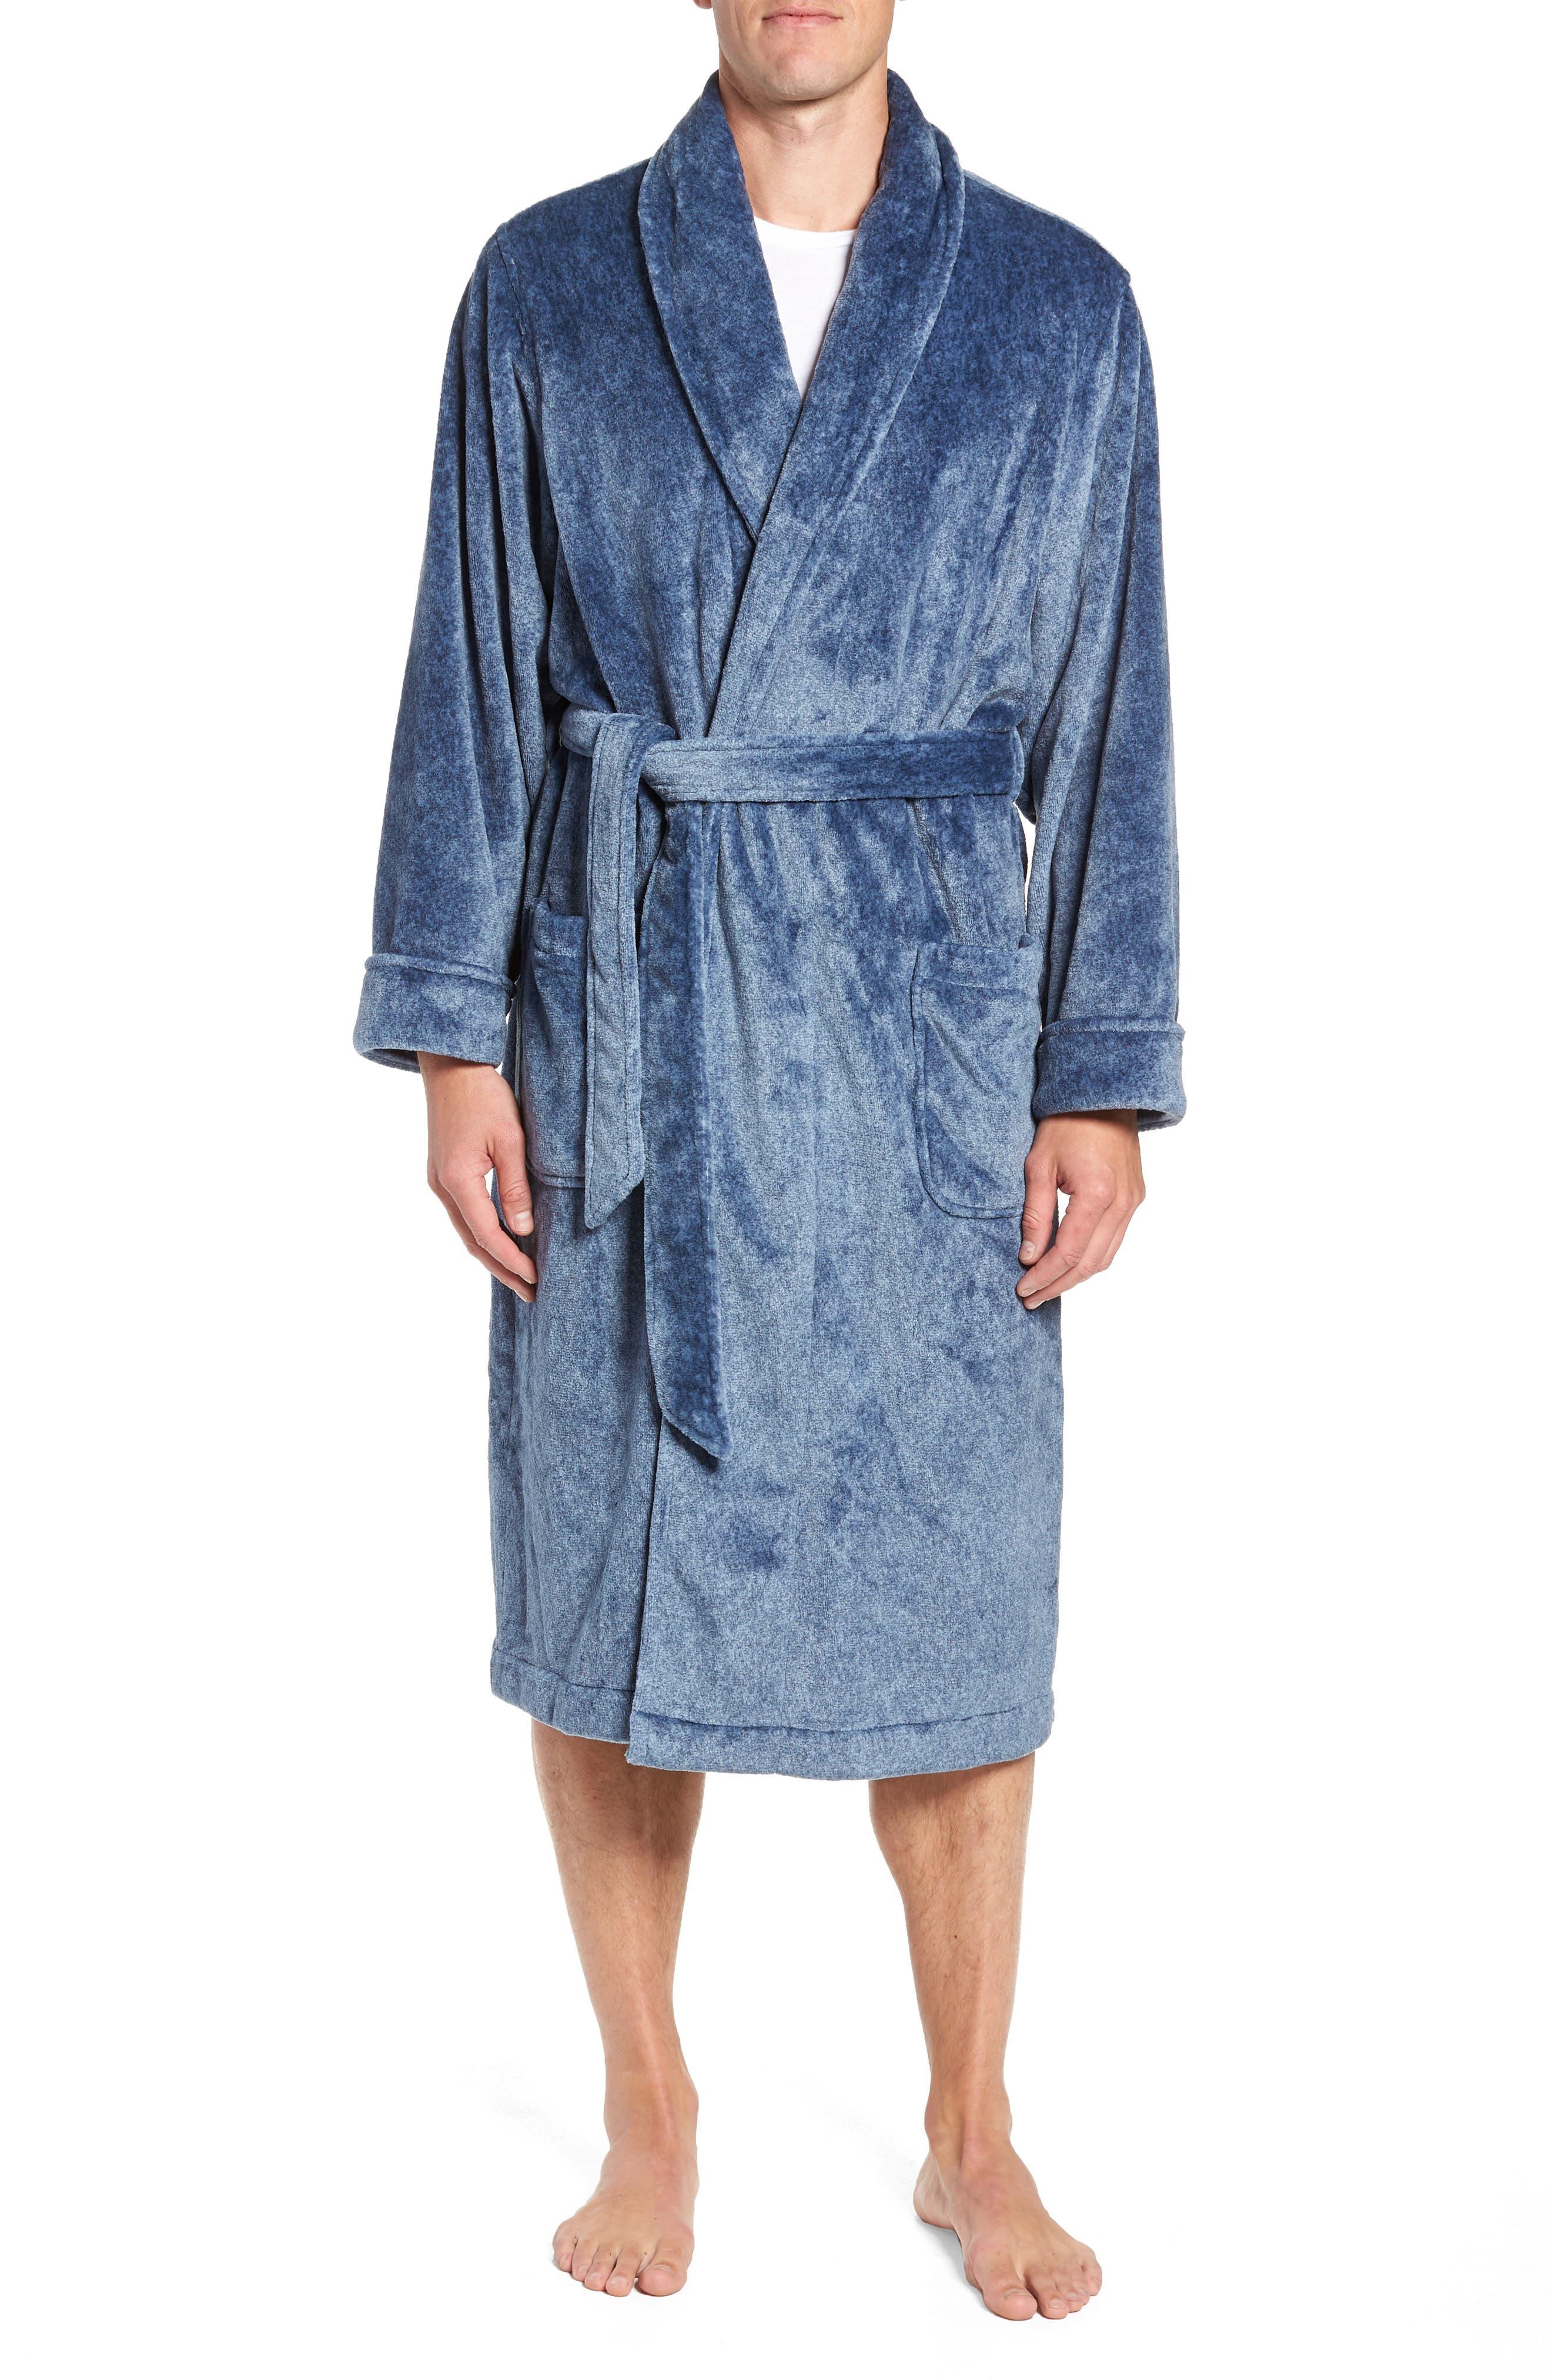 Heathered Fleece Robe,                             Main thumbnail 1, color,                             BLUE CORONET